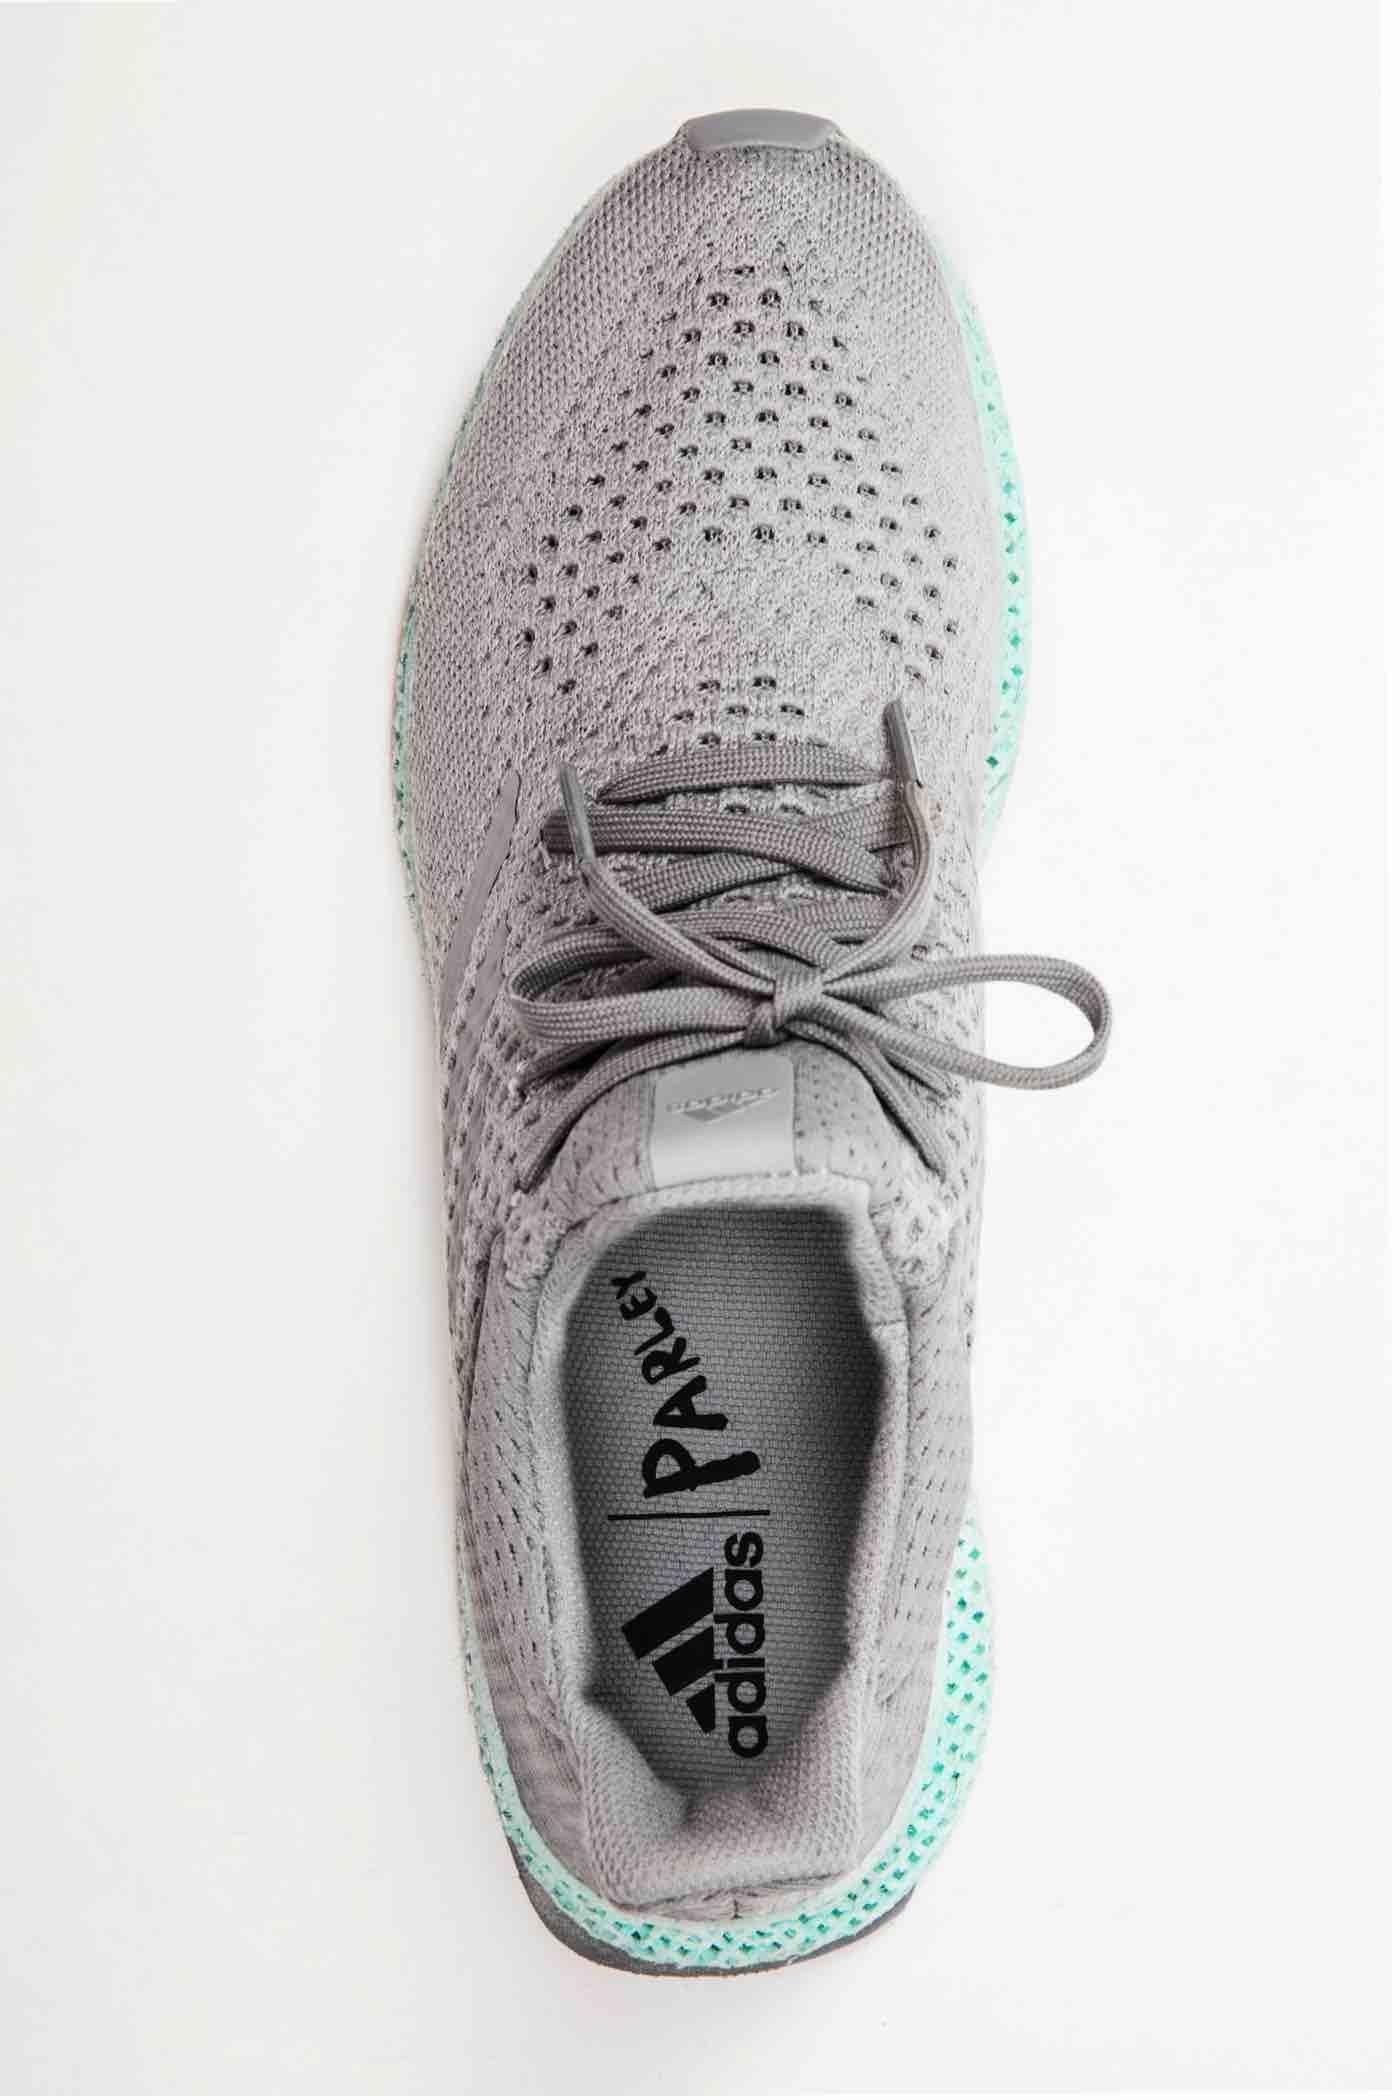 پرینت سه بعدی کفش از پسماندهای دریایی در شرکت آدیداس